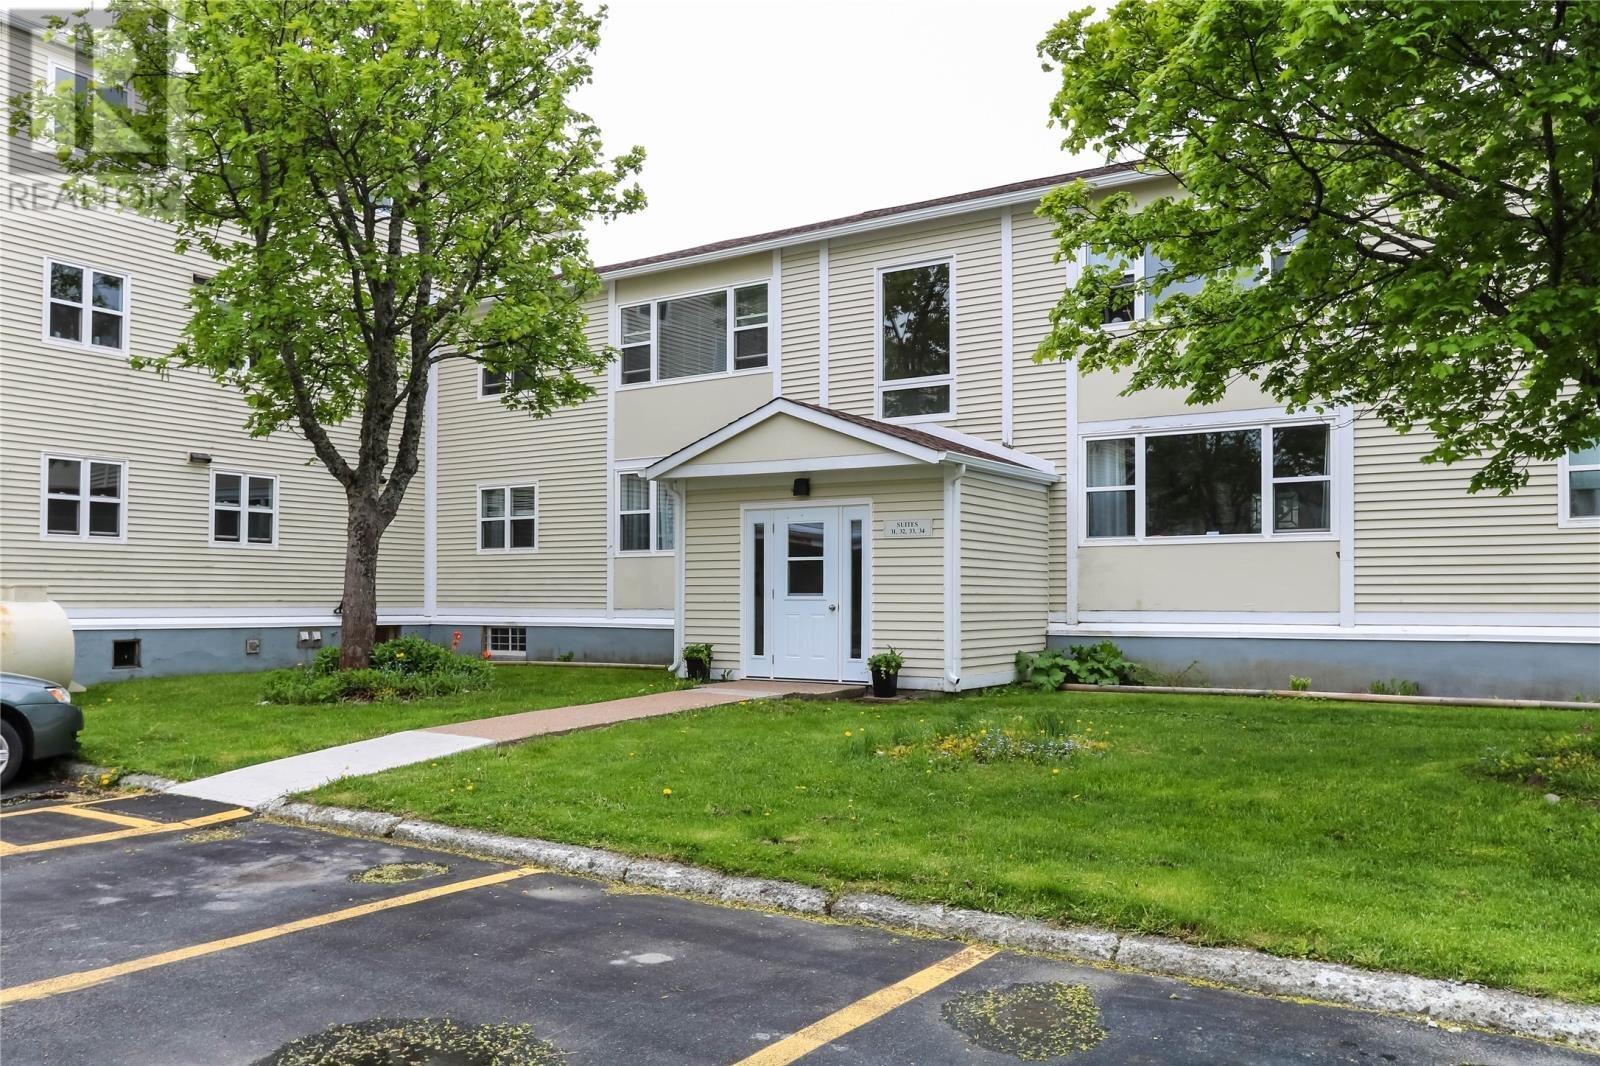 House for sale at 111 Linden Pl St. John's Newfoundland - MLS: 1224790